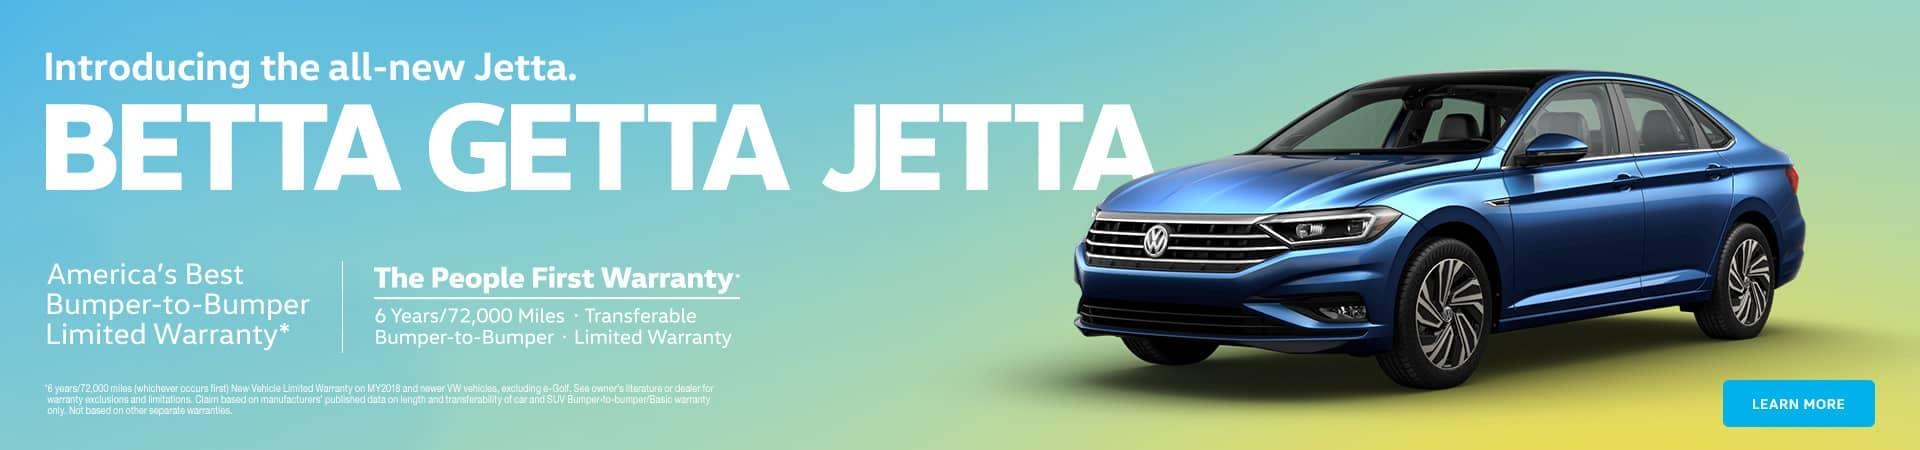 Getta Jetta